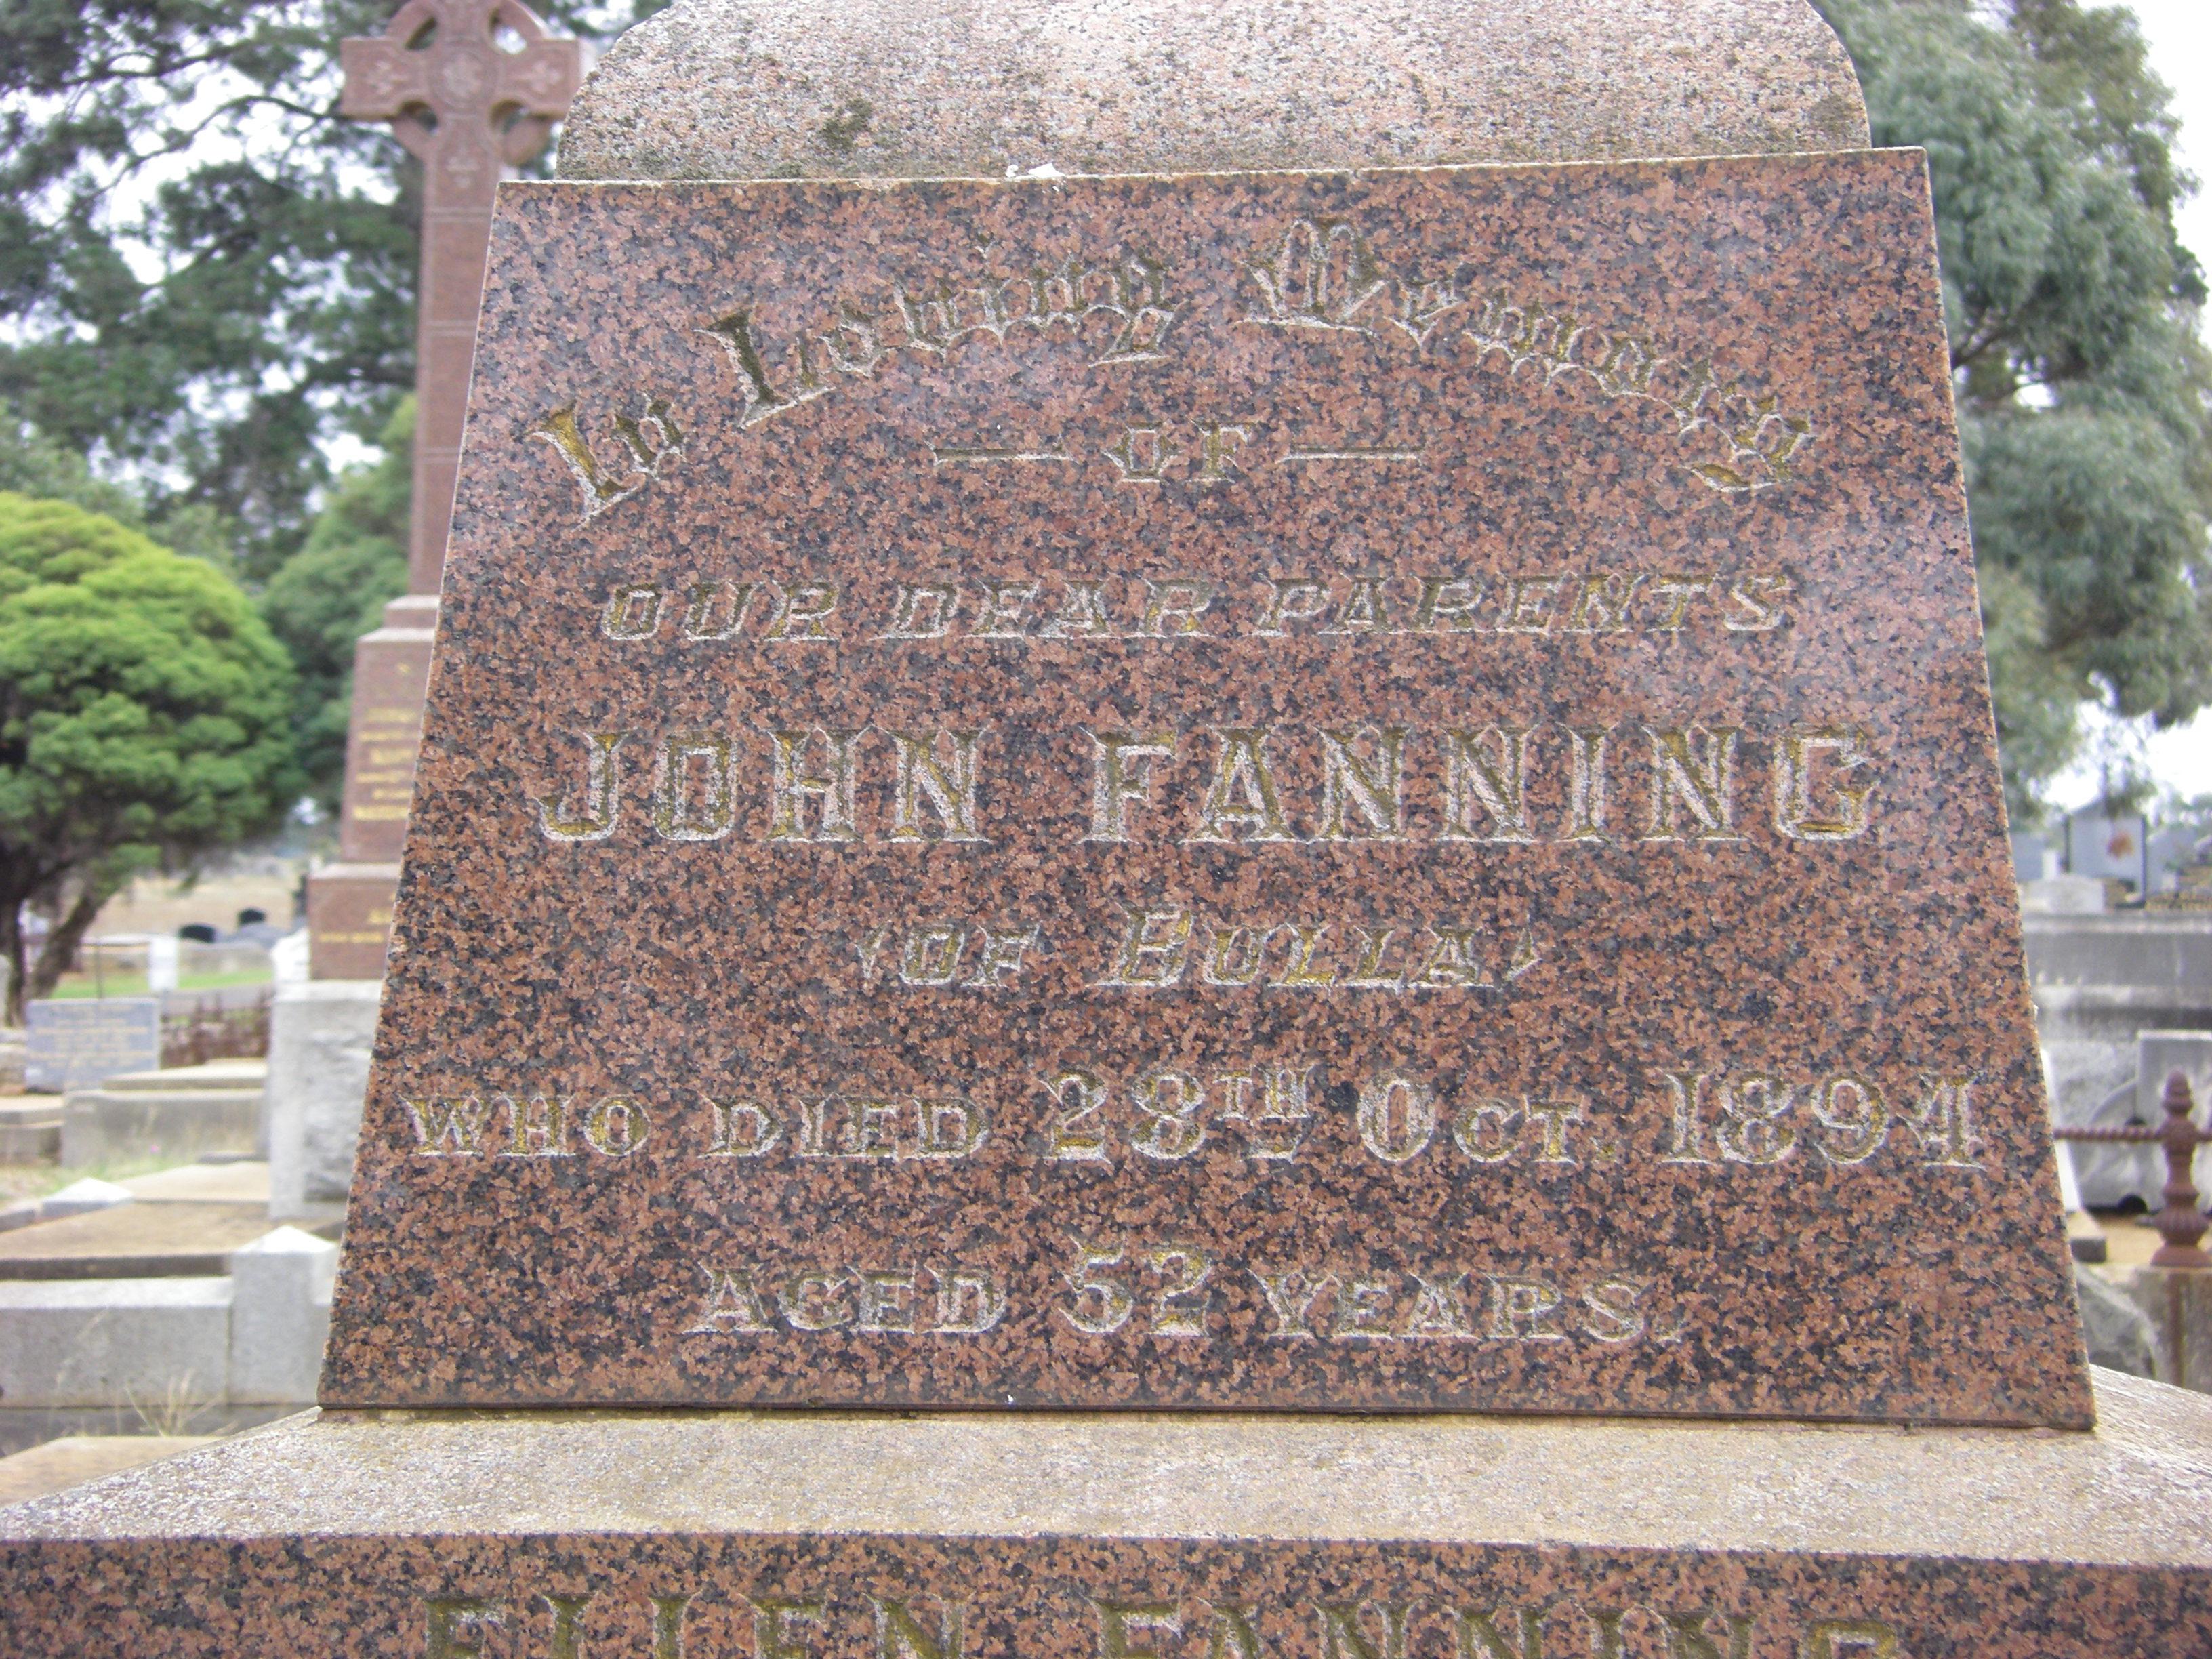 John Henry Fanning 1894 Bulla